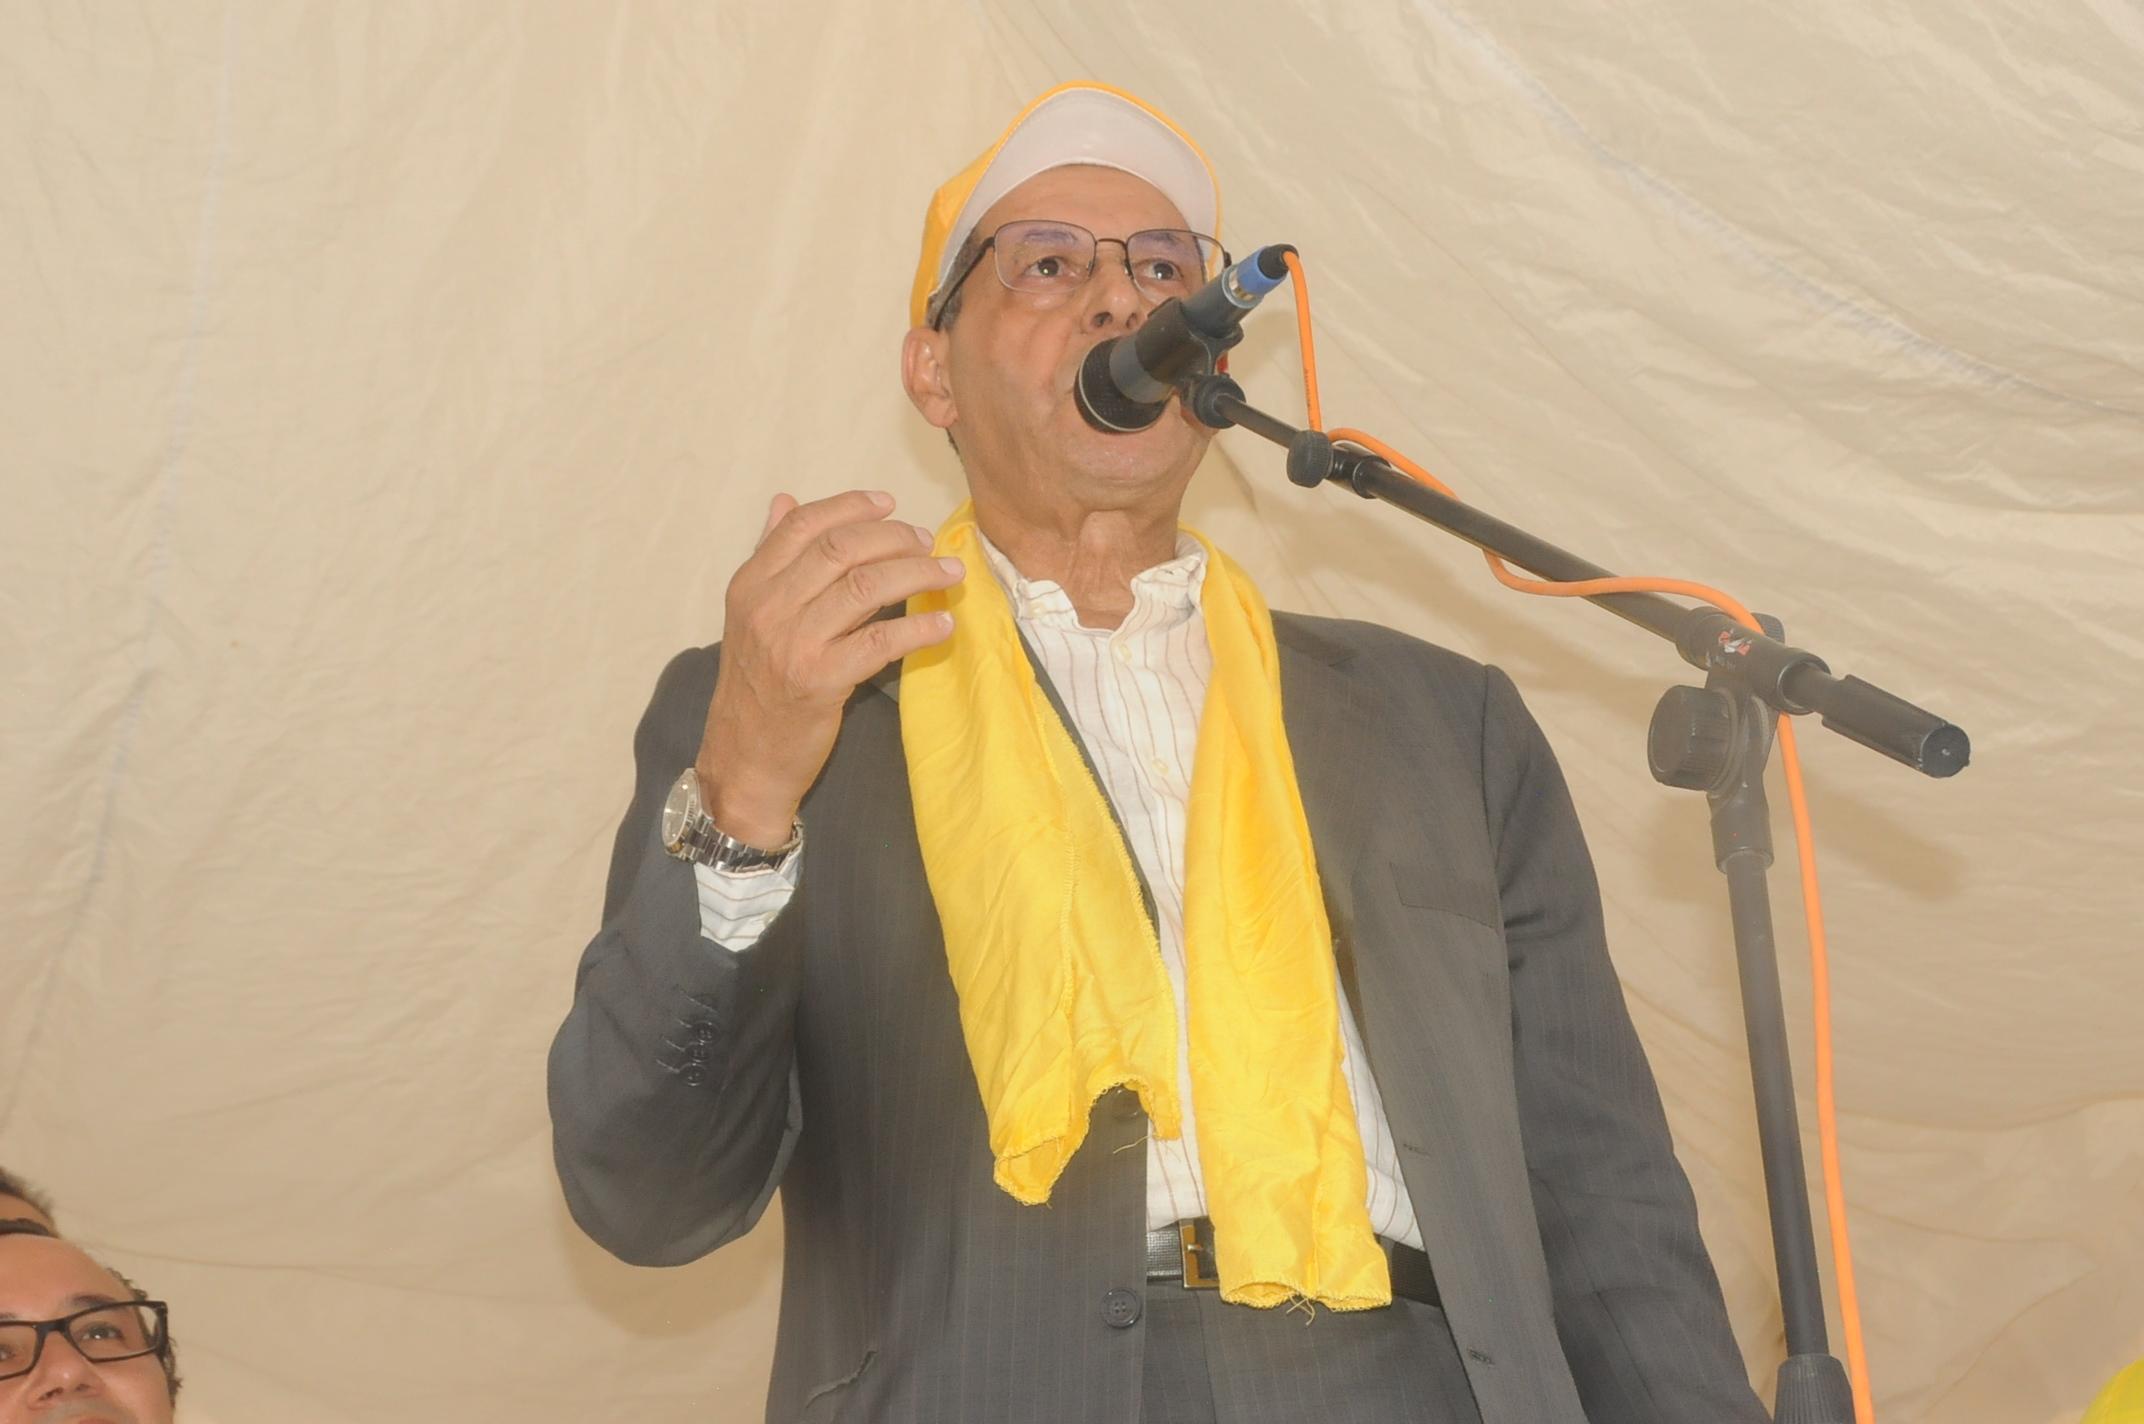 العنصر: حزب الحركة الشعبية يراهن بقوة على تحسين موقعه خلال انتخابات 7 أكتوبر